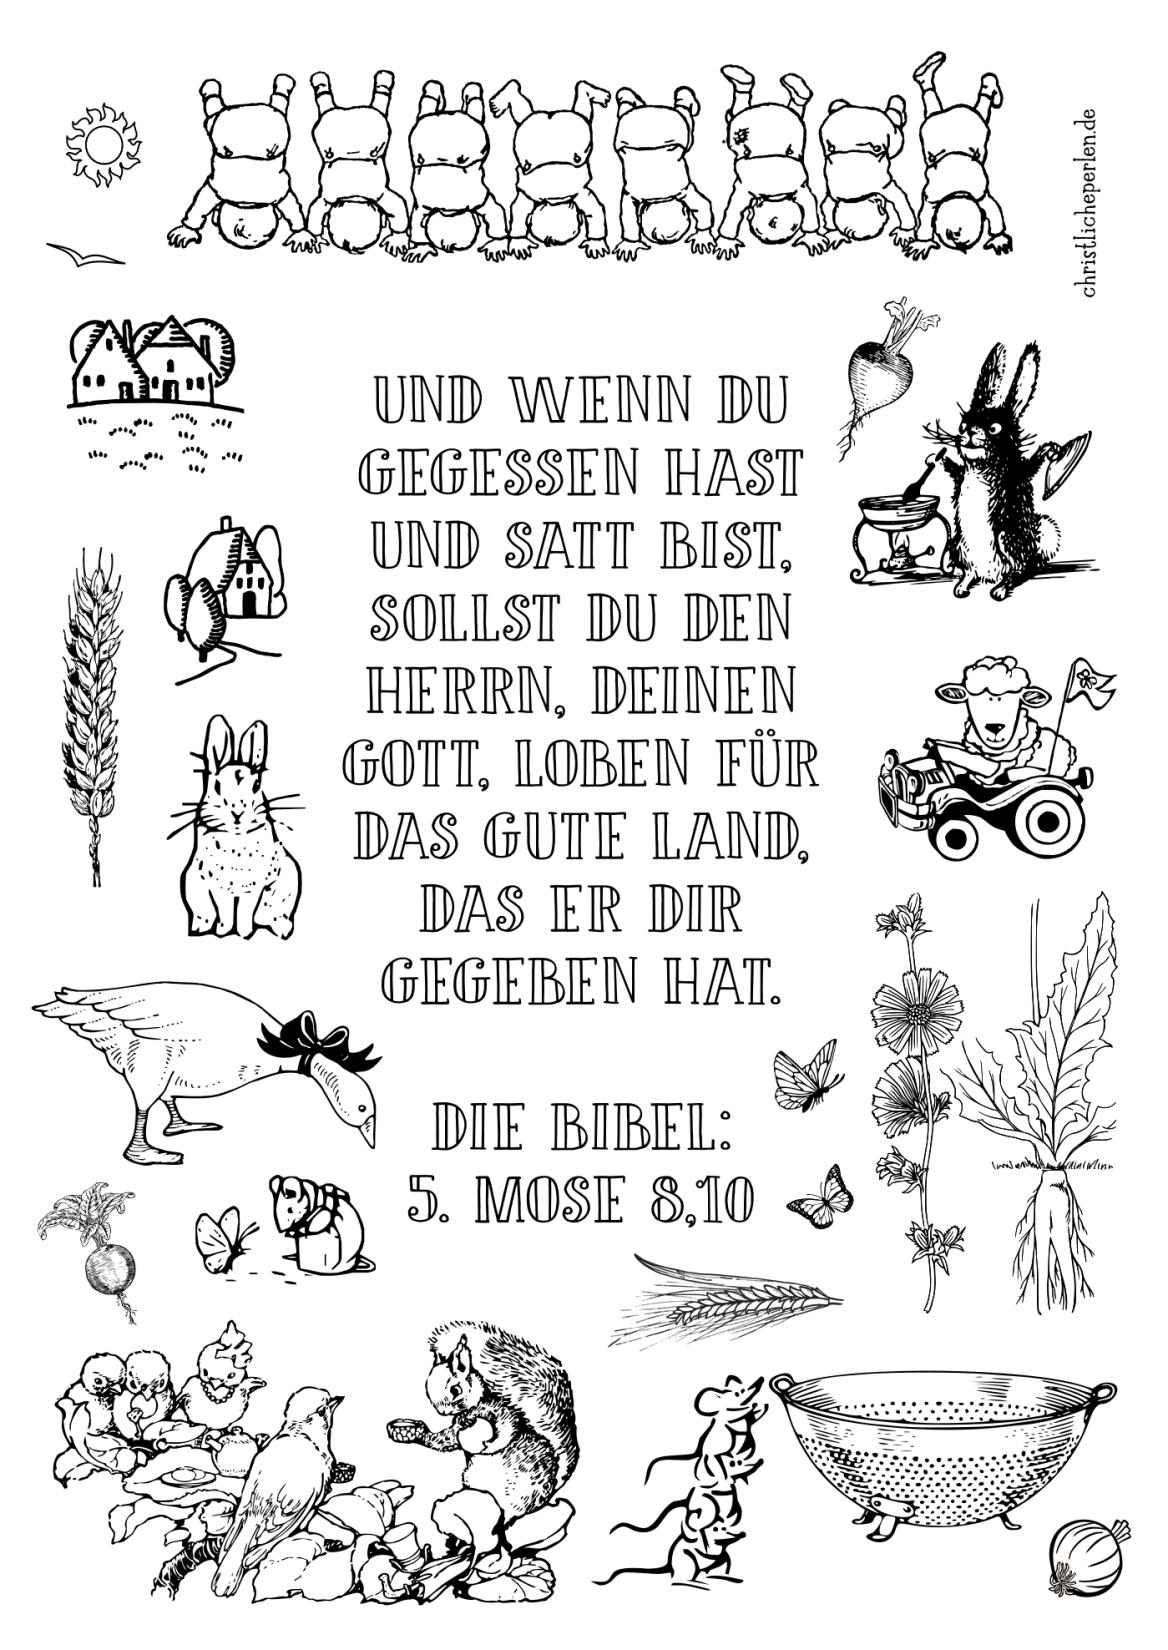 Wunderbar Bibel Malvorlagen Für Kinder Moses Galerie - Malvorlagen ...